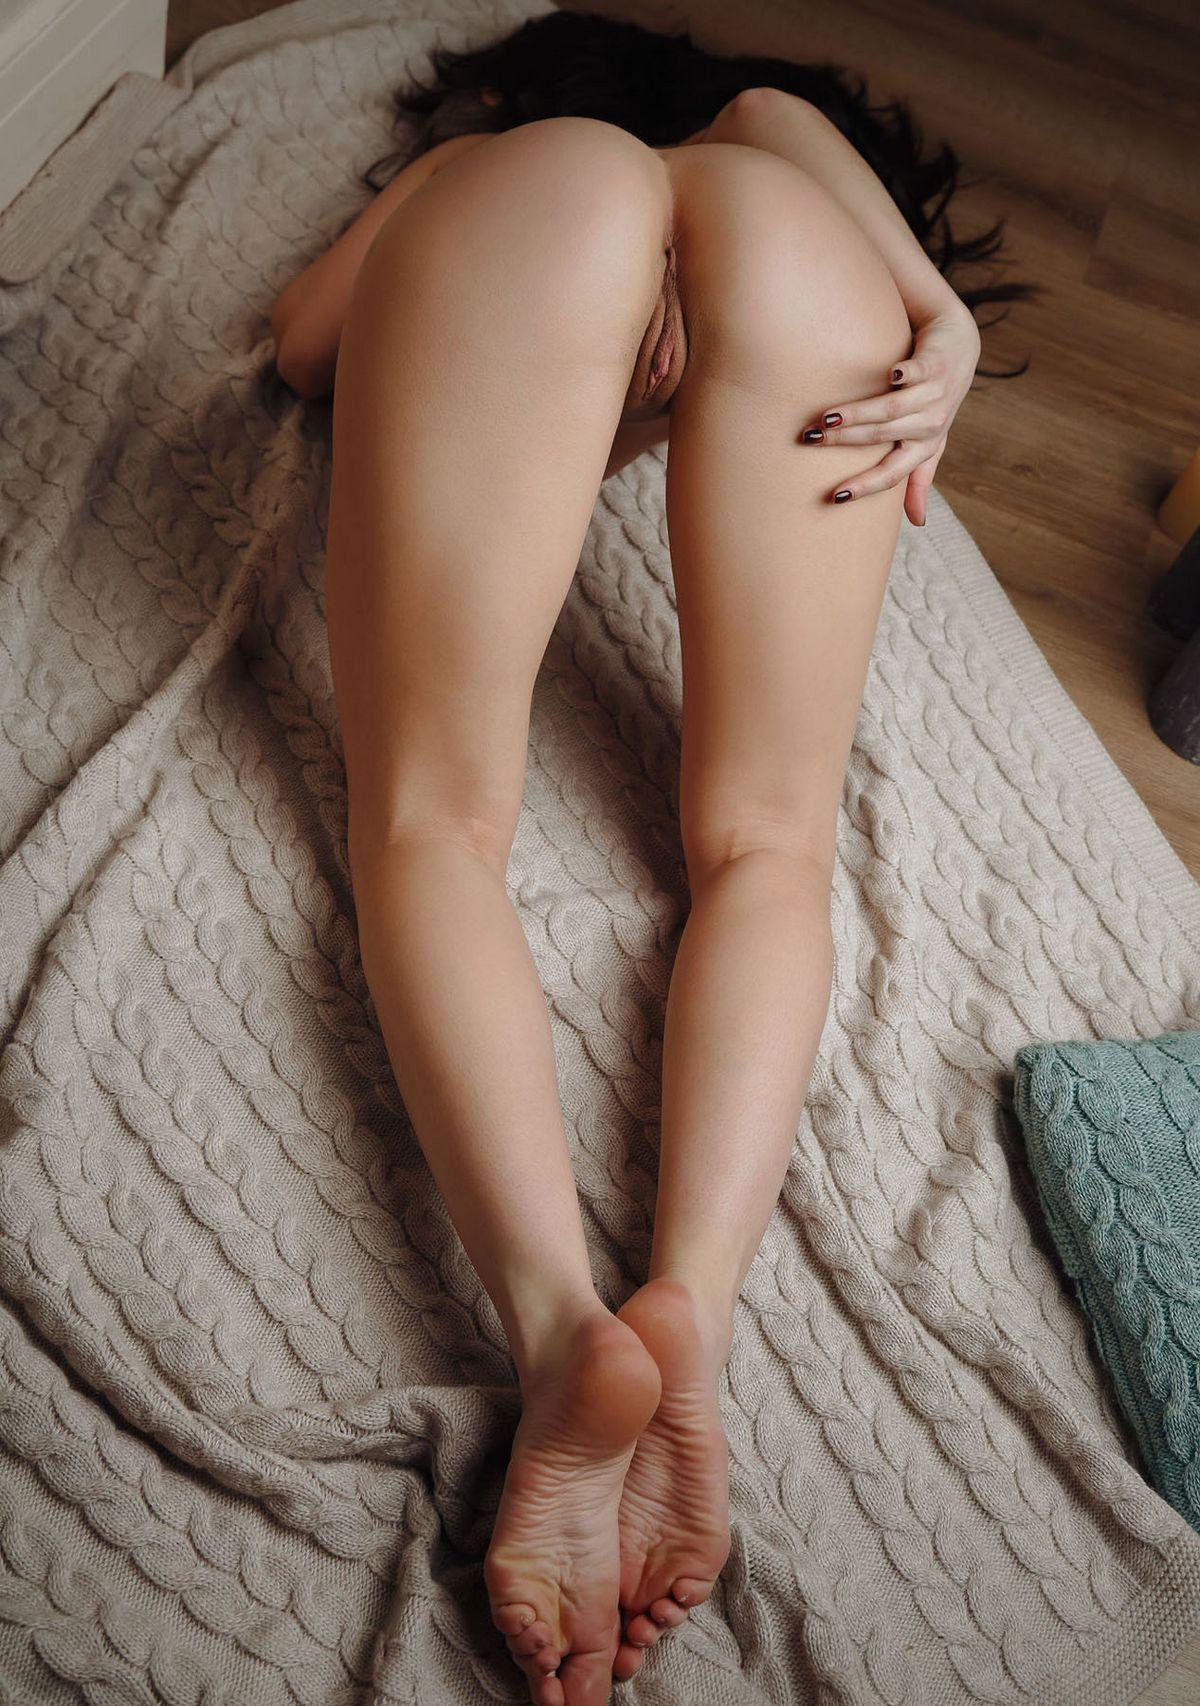 Достаточно раскрепощенная тёлка раздвигает ножки